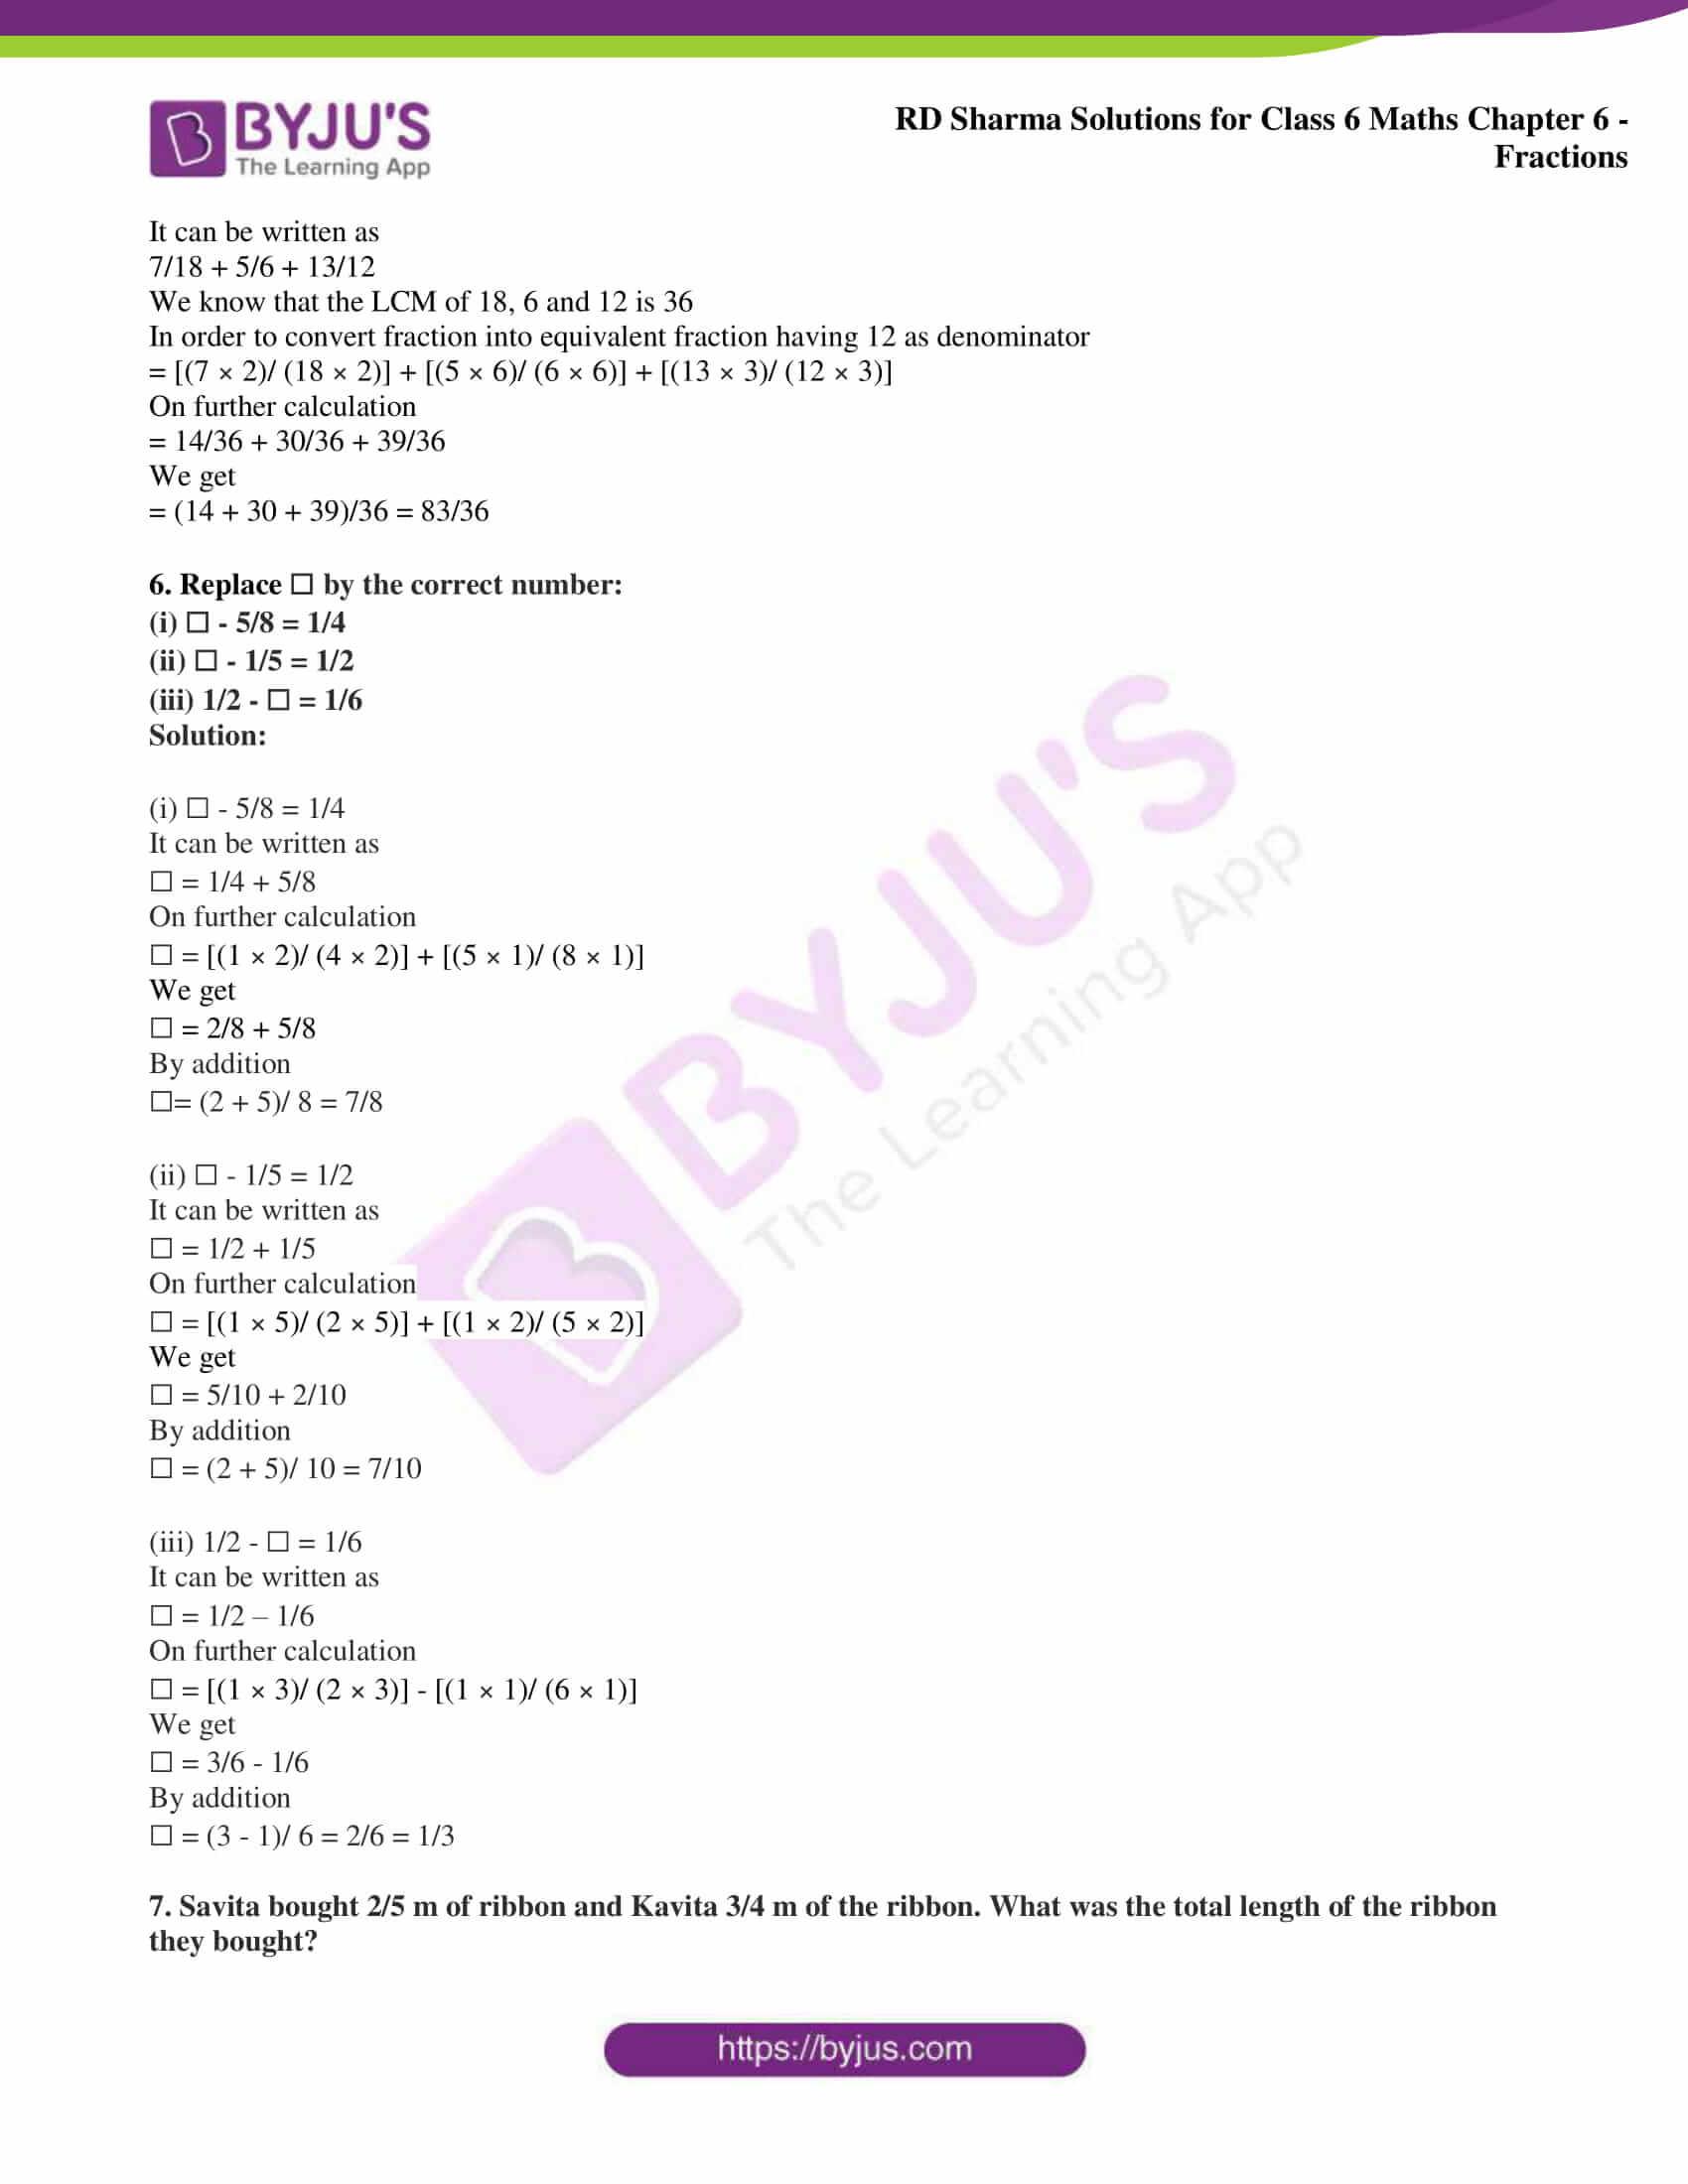 rd sharma class 6 maths solutions chapter 6 ex 9 7